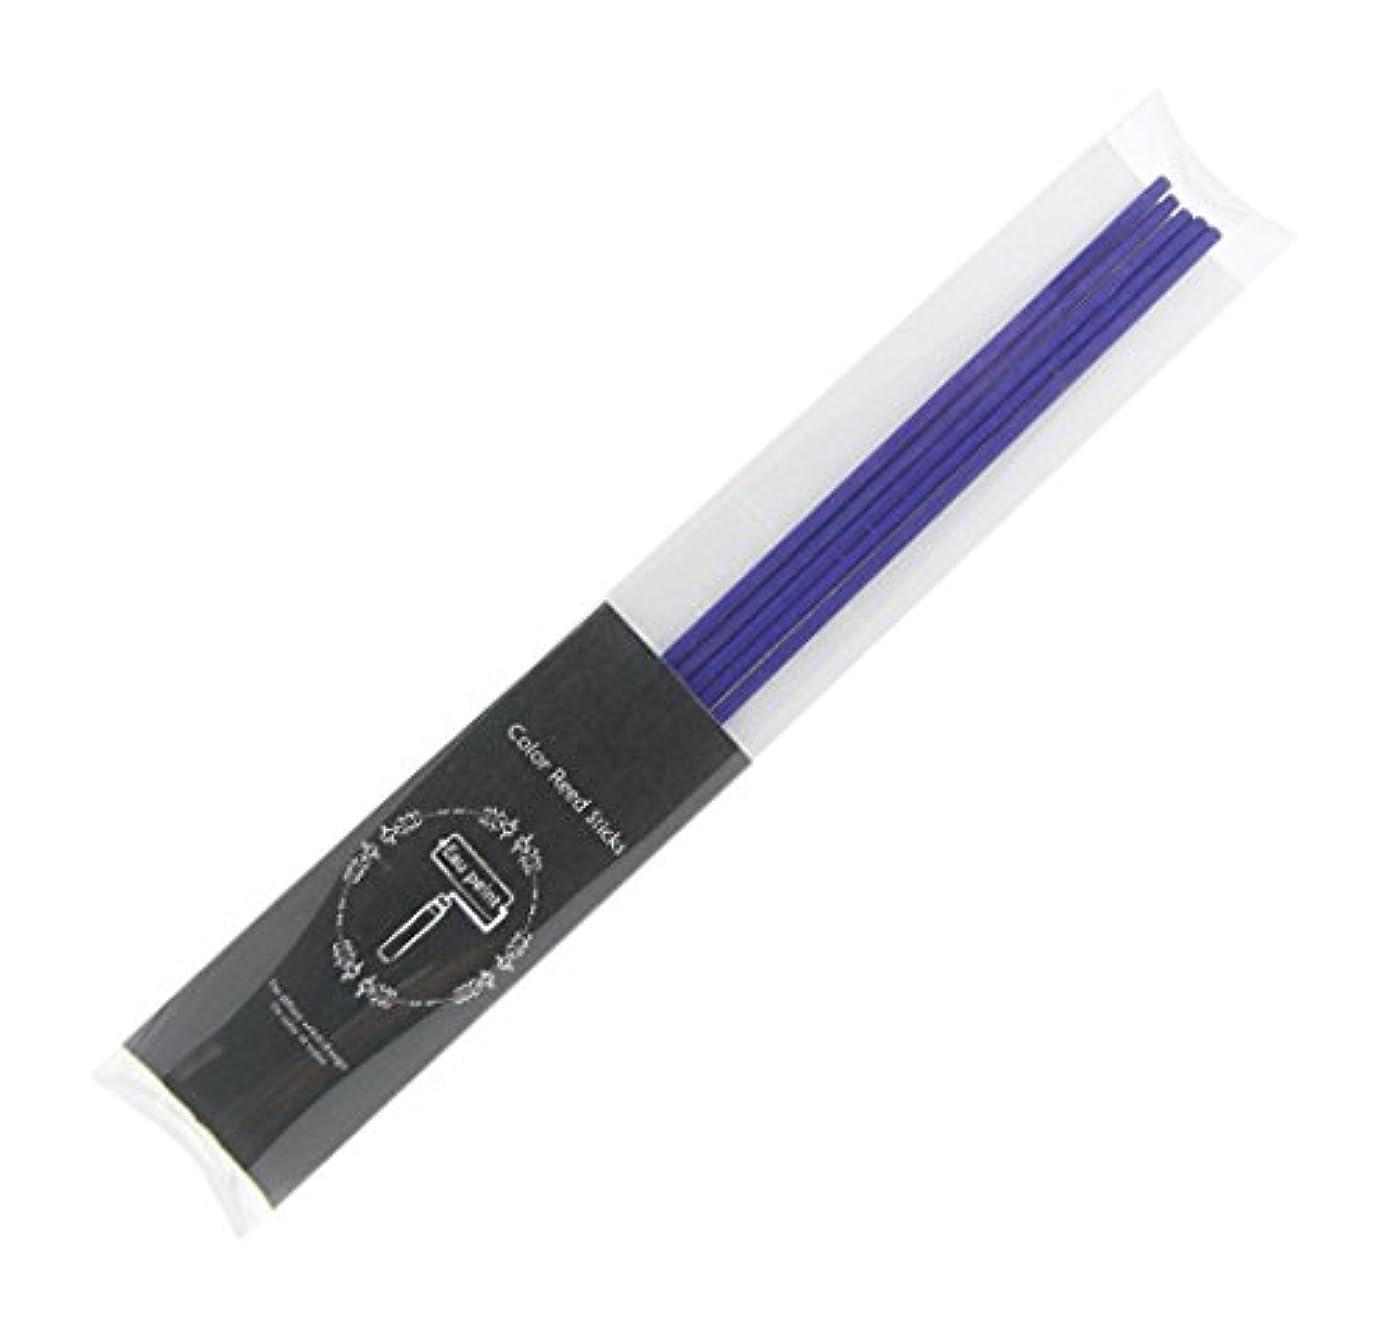 シャツ自己ピストルEau peint mais+ カラースティック リードディフューザー用スティック 5本入 パープル Purple オーペイント マイス